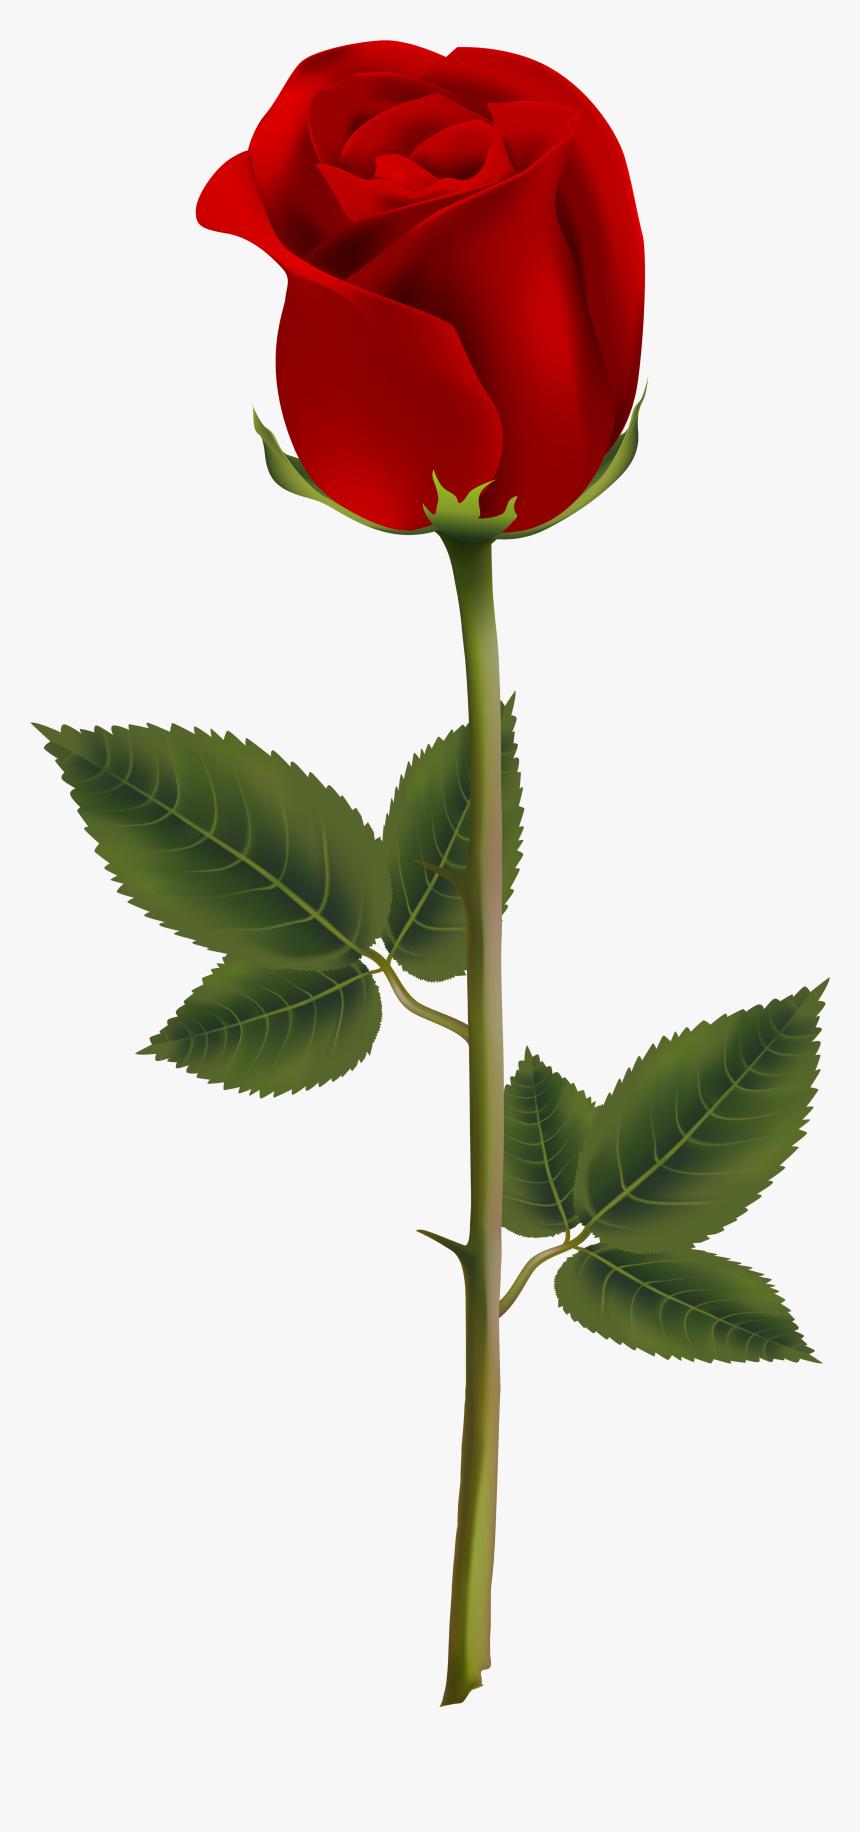 Transparent Background Red Rose Png Png Download Kindpng